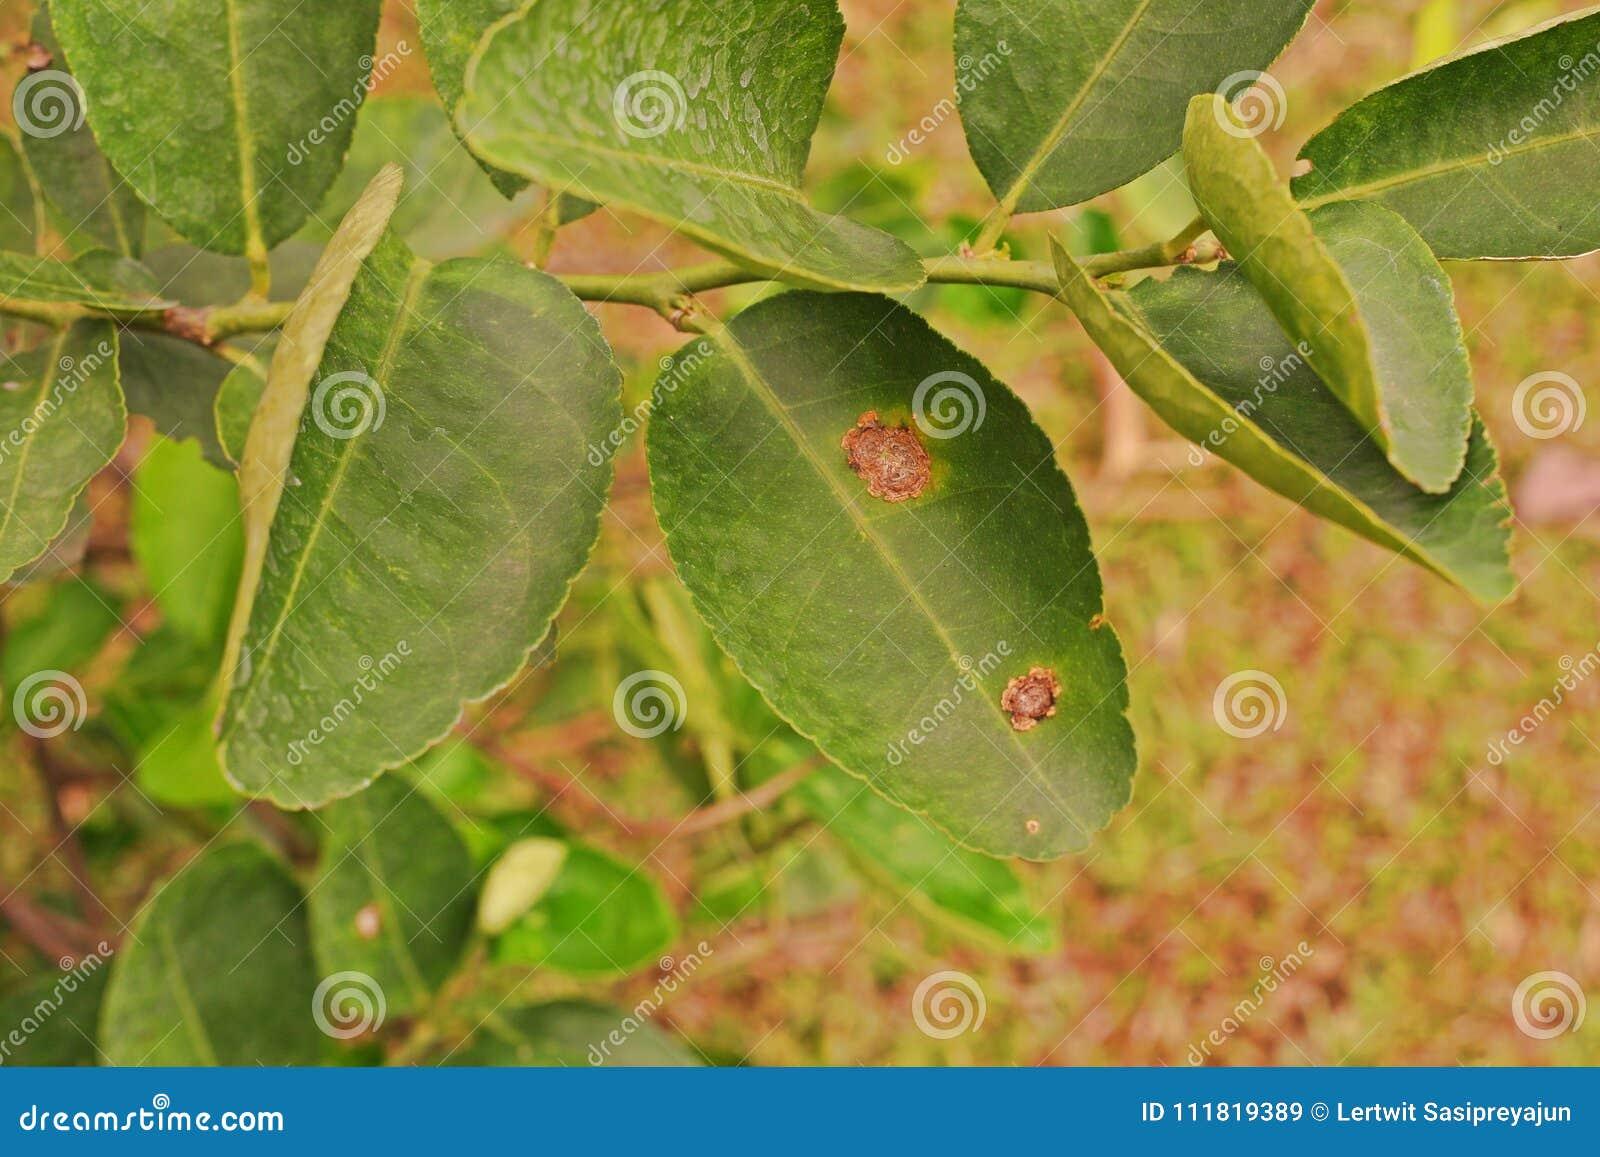 Växtsjukdom, citrus kräfta som hemsökas på limefruktbladet